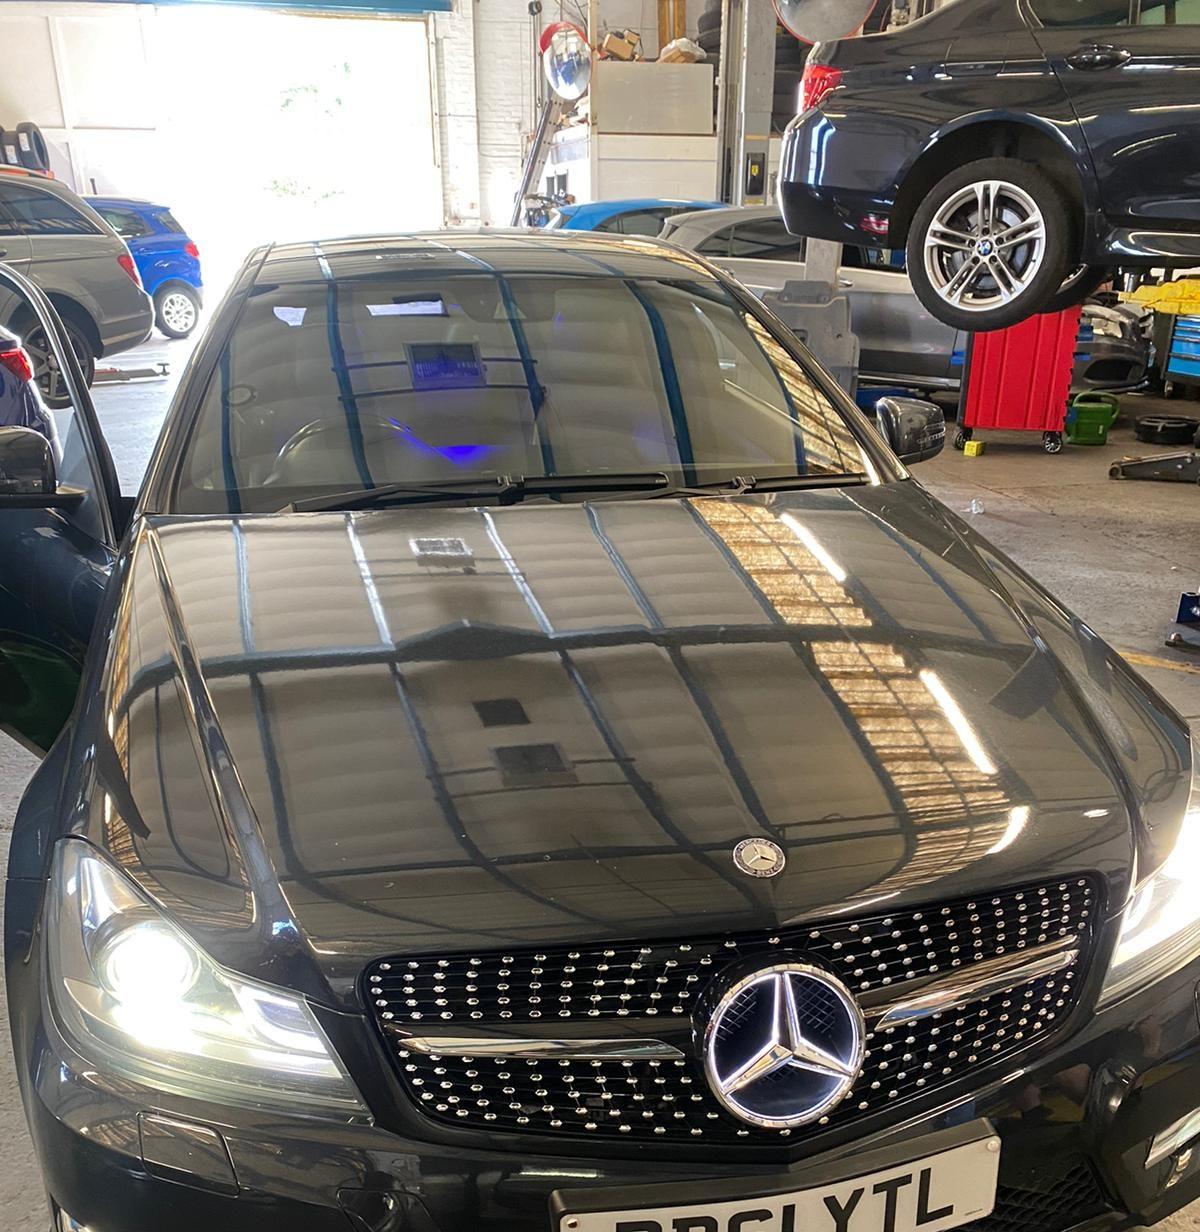 Mercedes Bonnet Open Fault